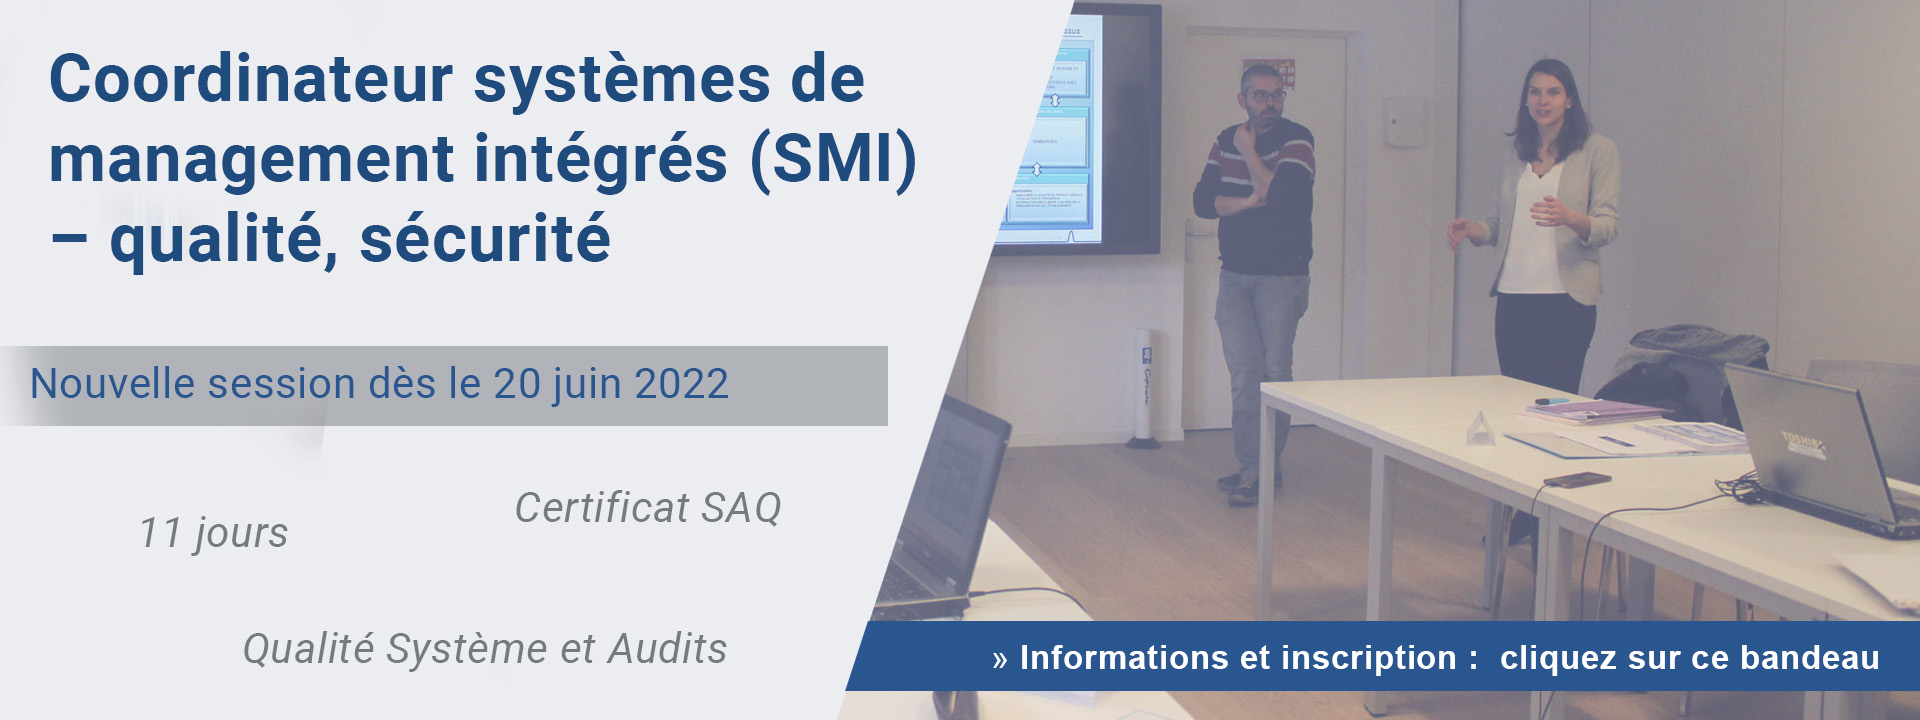 Coordinateur systèmes de management intégrés (SMI) – qualité, sécurité et environnement